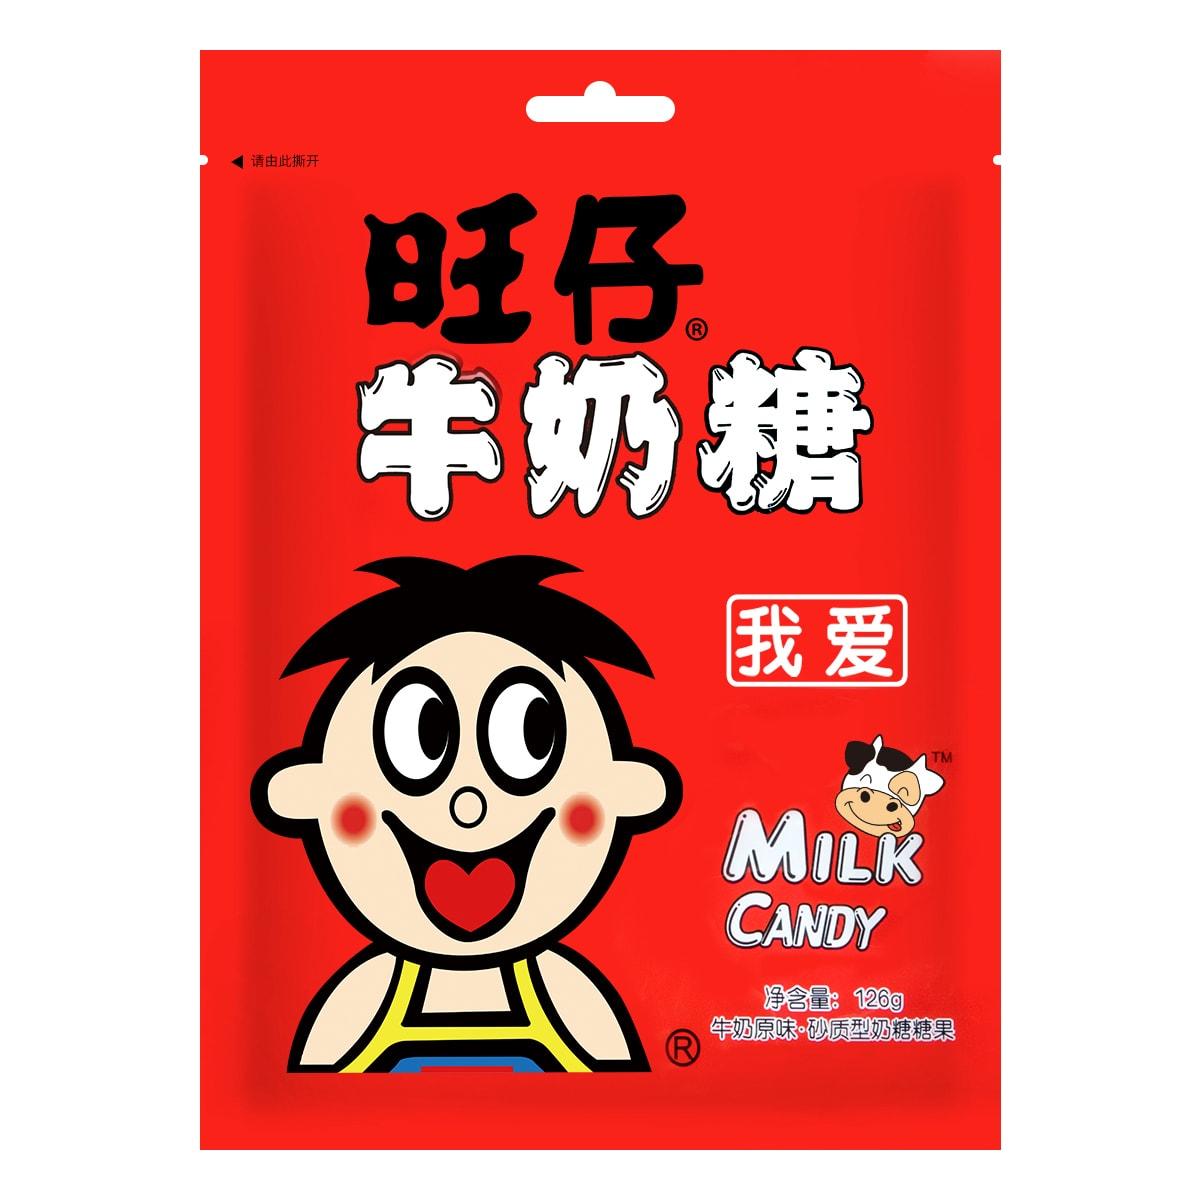 旺旺 旺仔牛奶糖 原味 126g